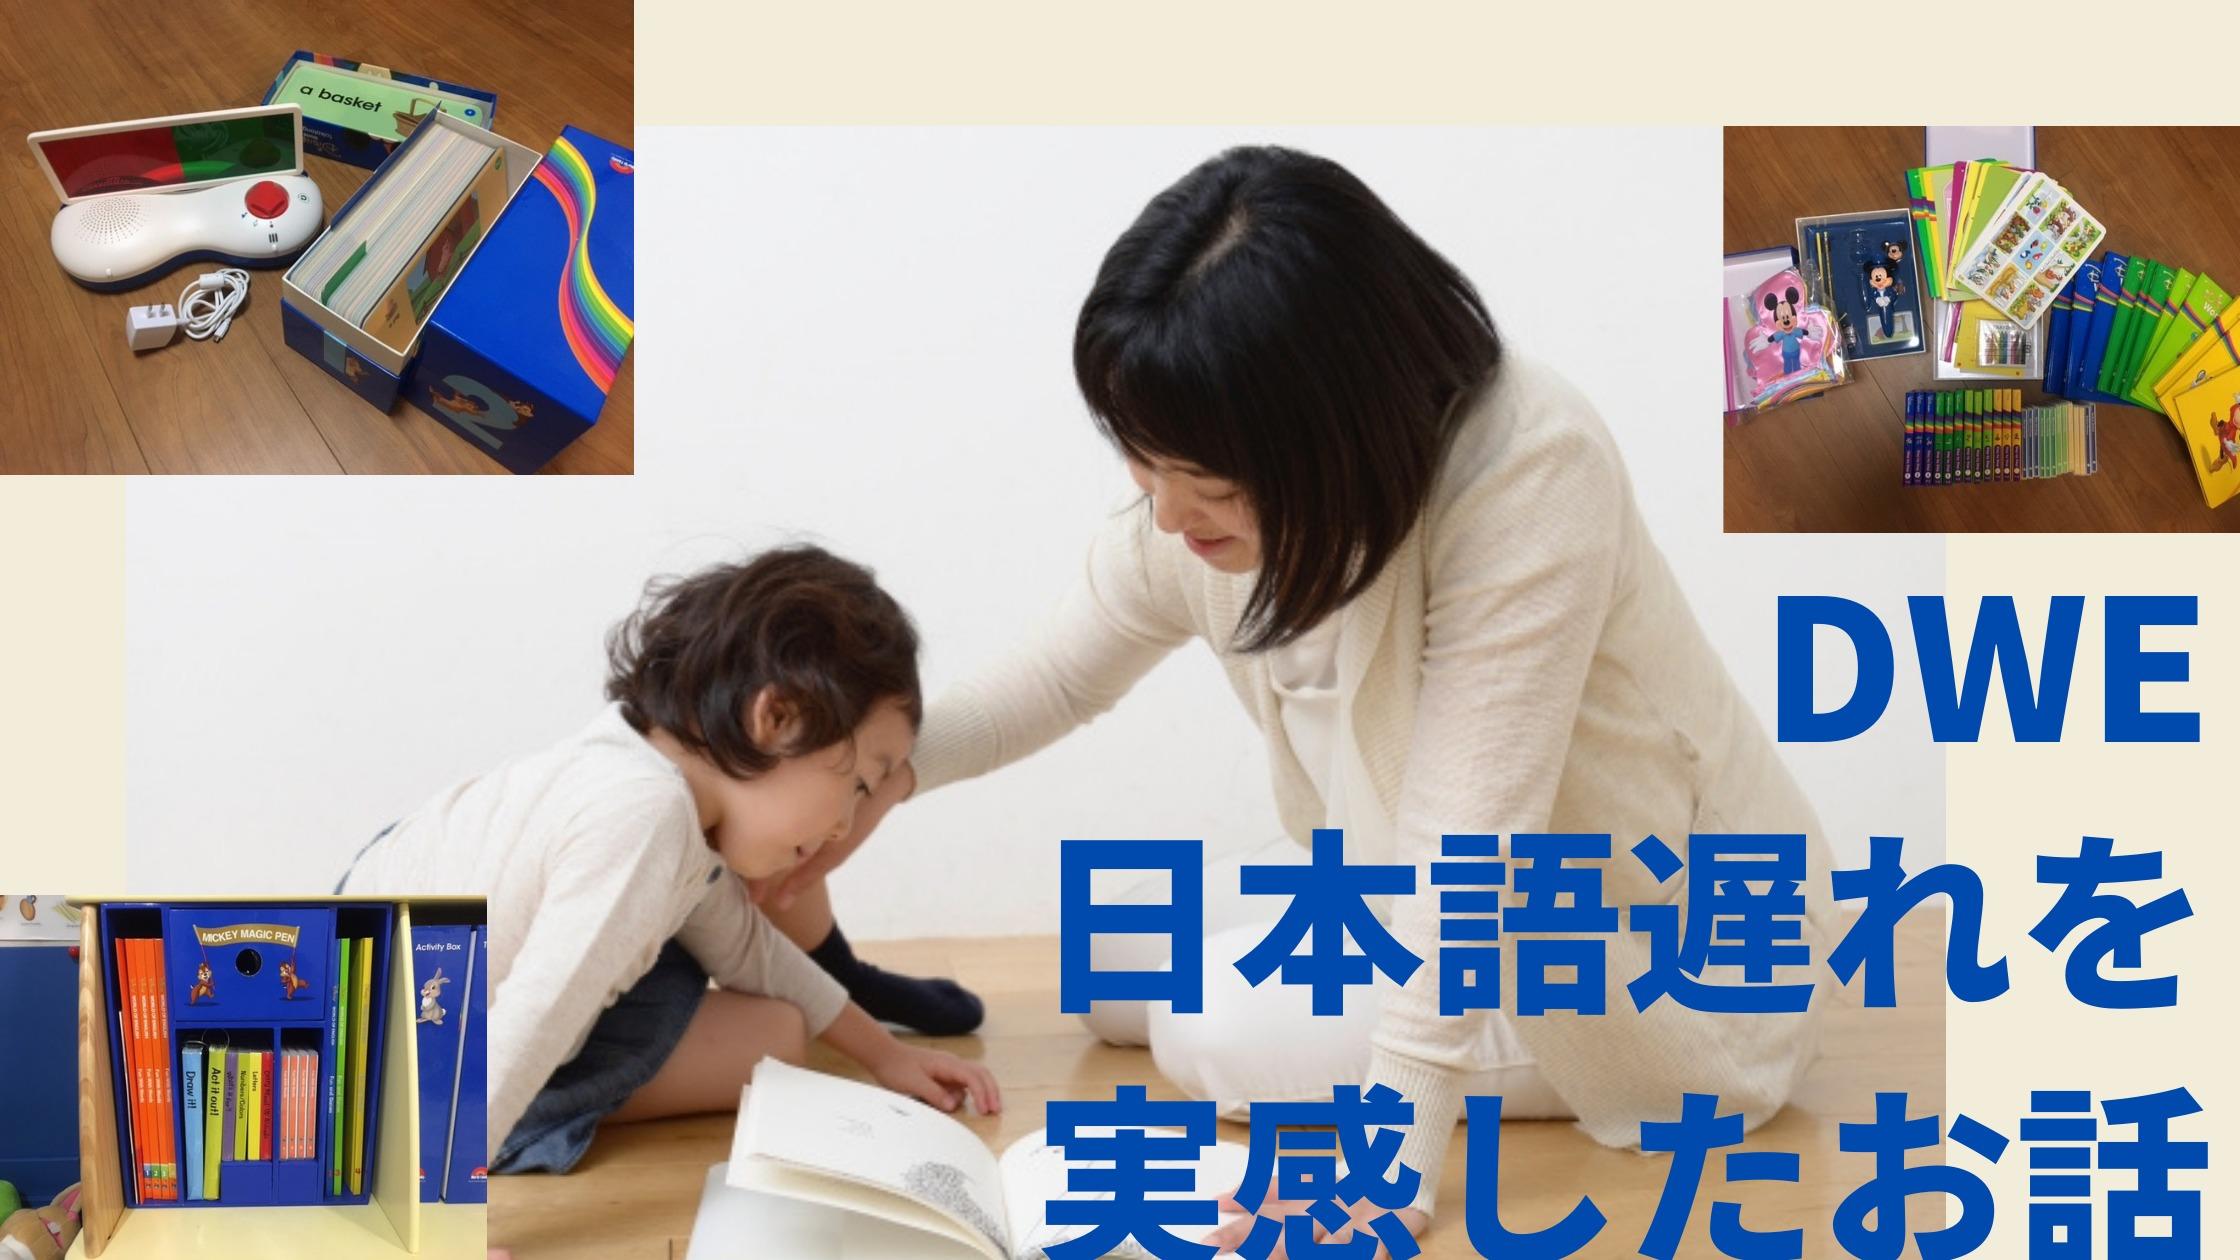 DWE日本語遅れアイキャッチ